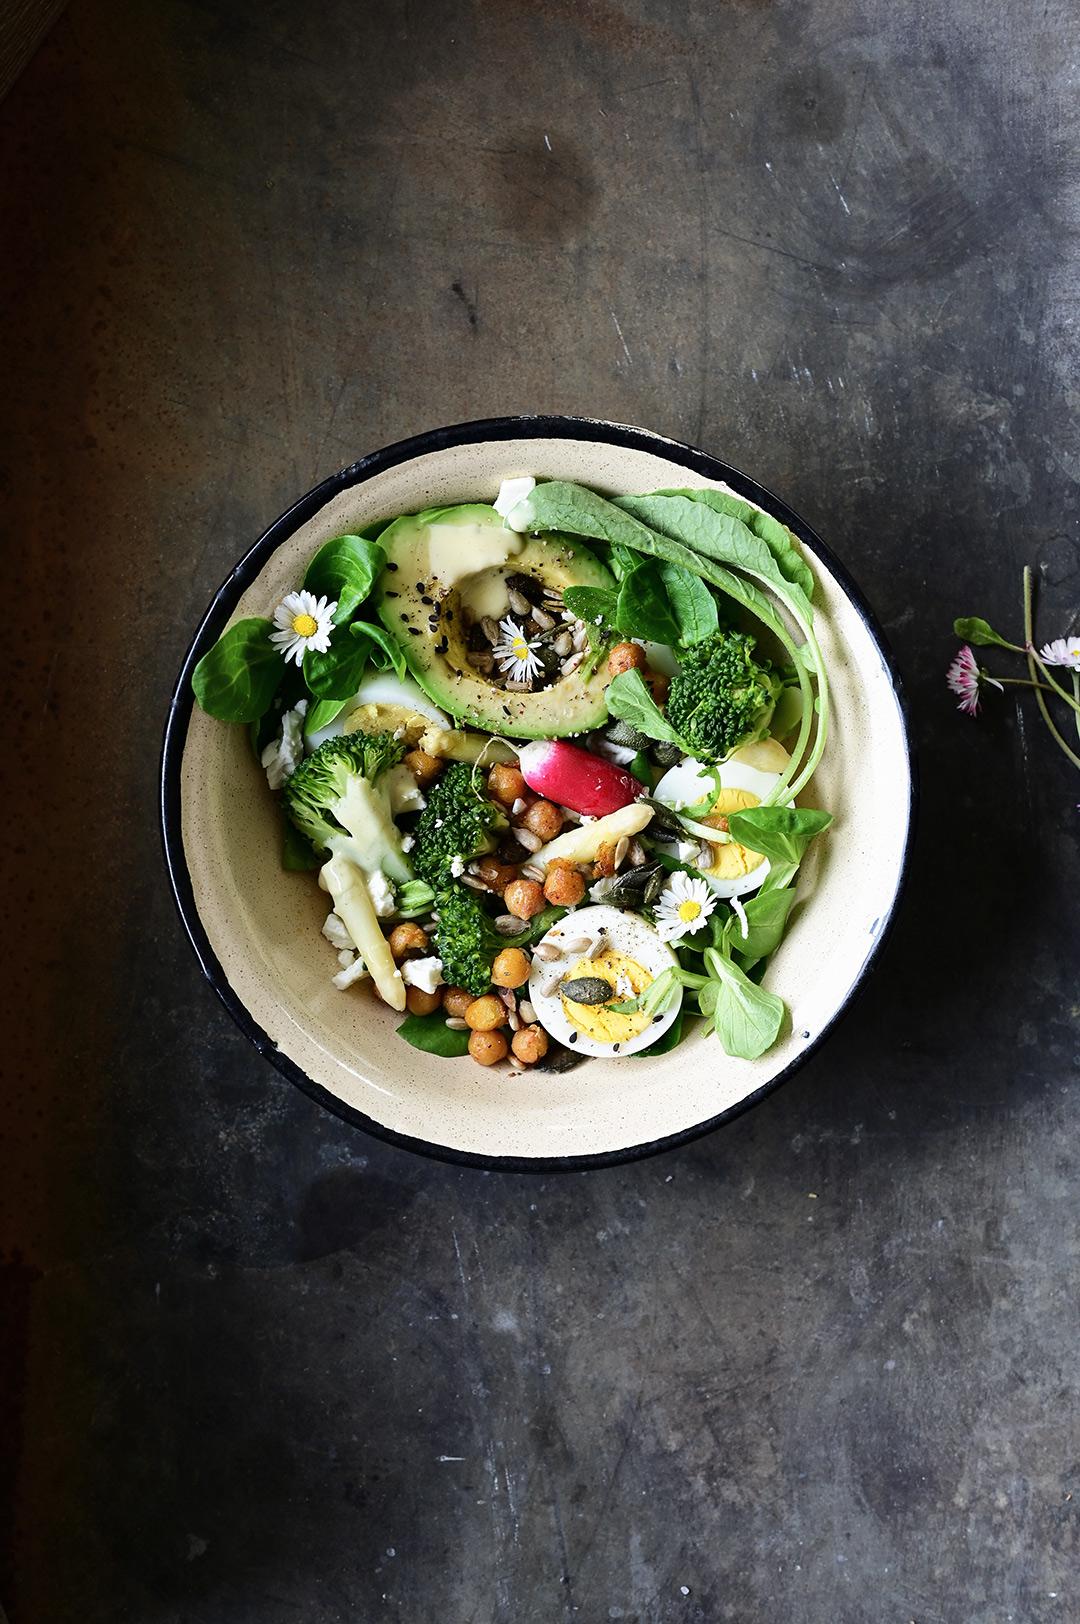 serving dumplings | Wiosenna sałatka ze szparagami, brokułem i sosem miodowo cytrynowym